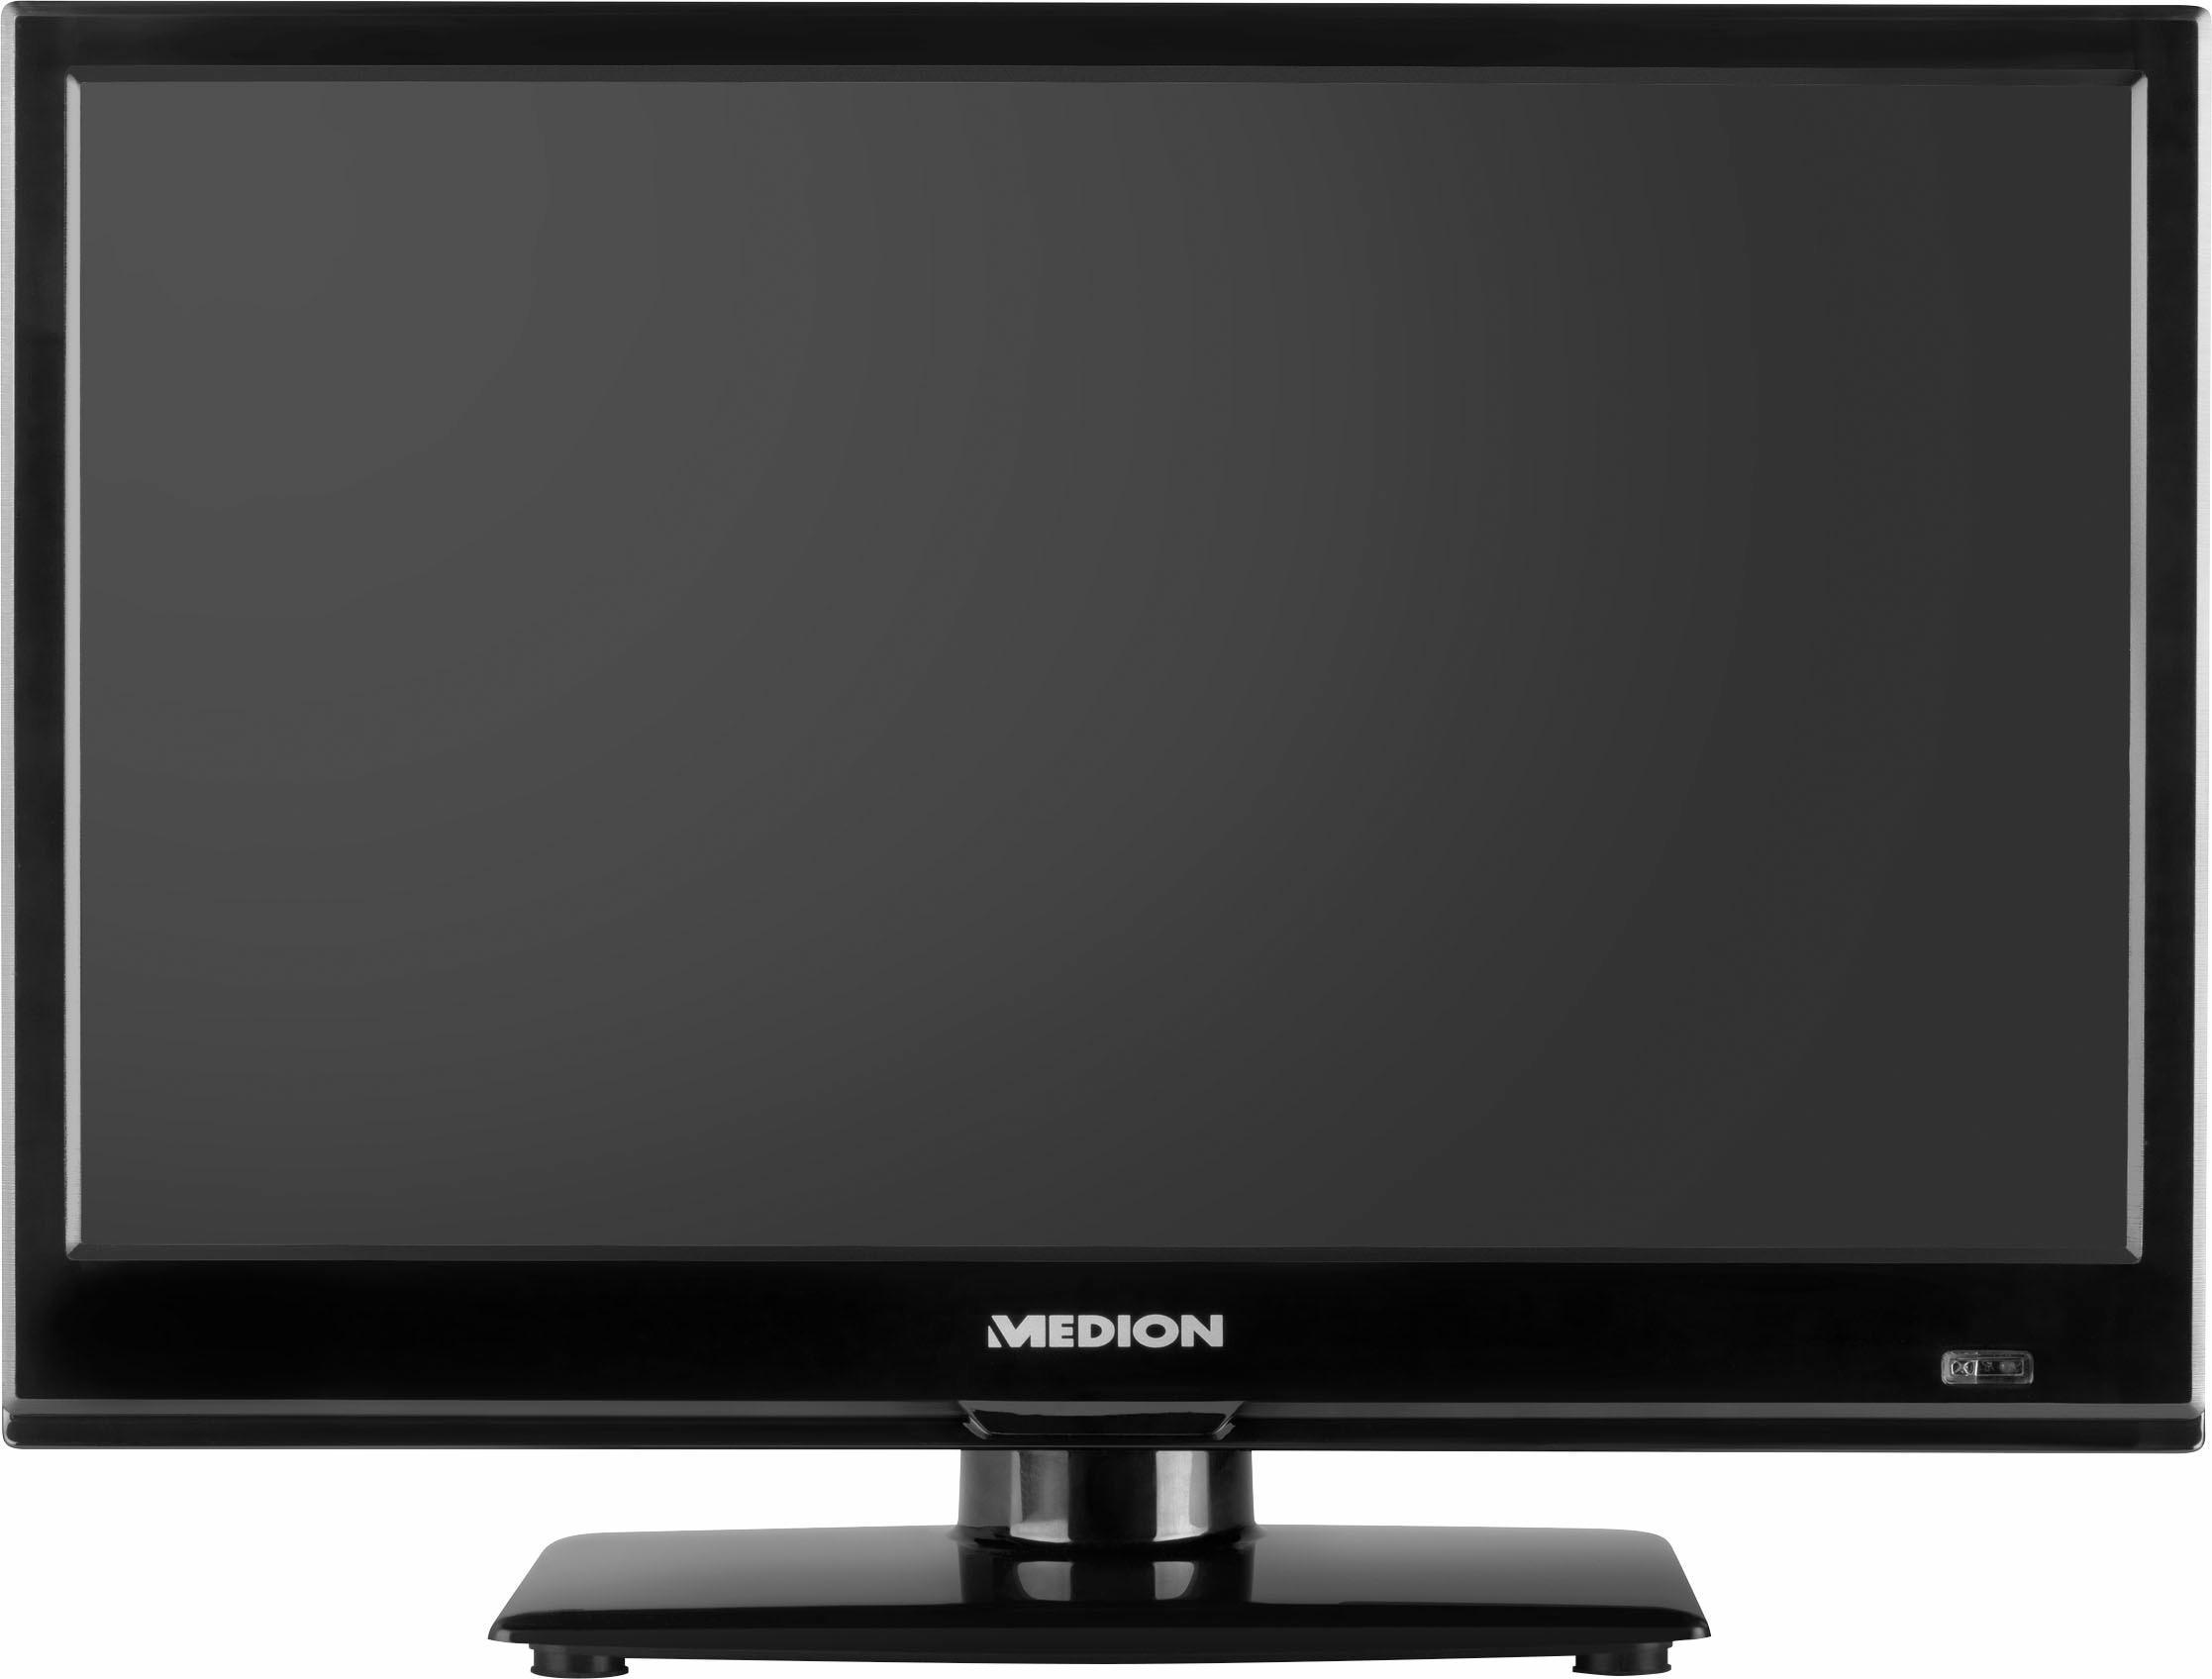 Tv Kaufberatung Wertvolle Orientierungshilfe Quelle De